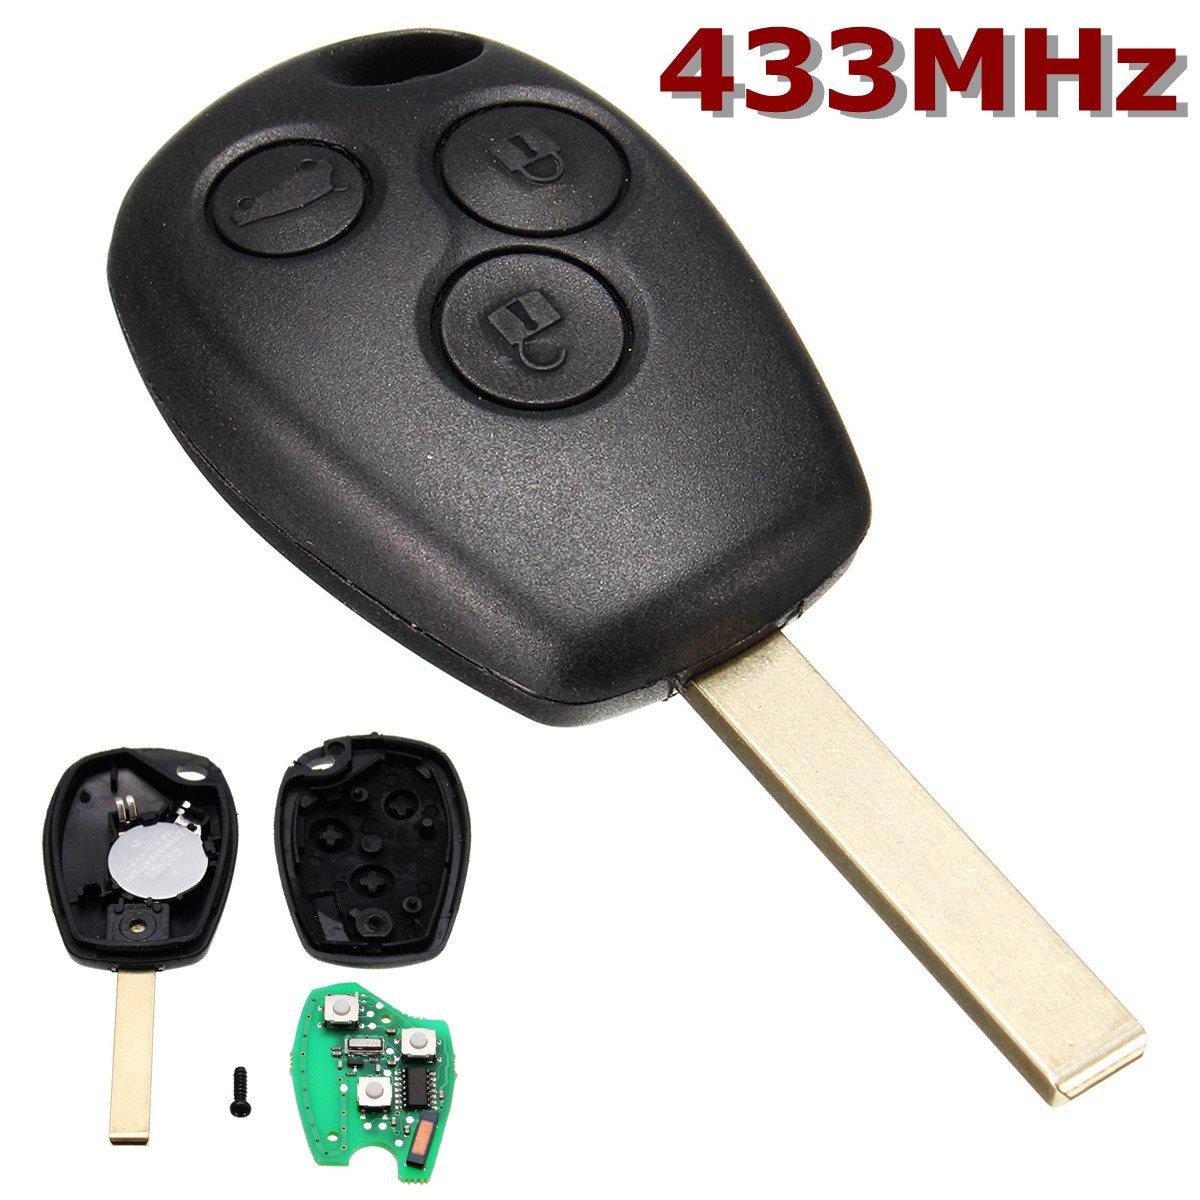 Schwarz Uncut Klinge Funkschlüssel 3 Tasten 433 MHz Für Renault/Kangoo II/Clio III